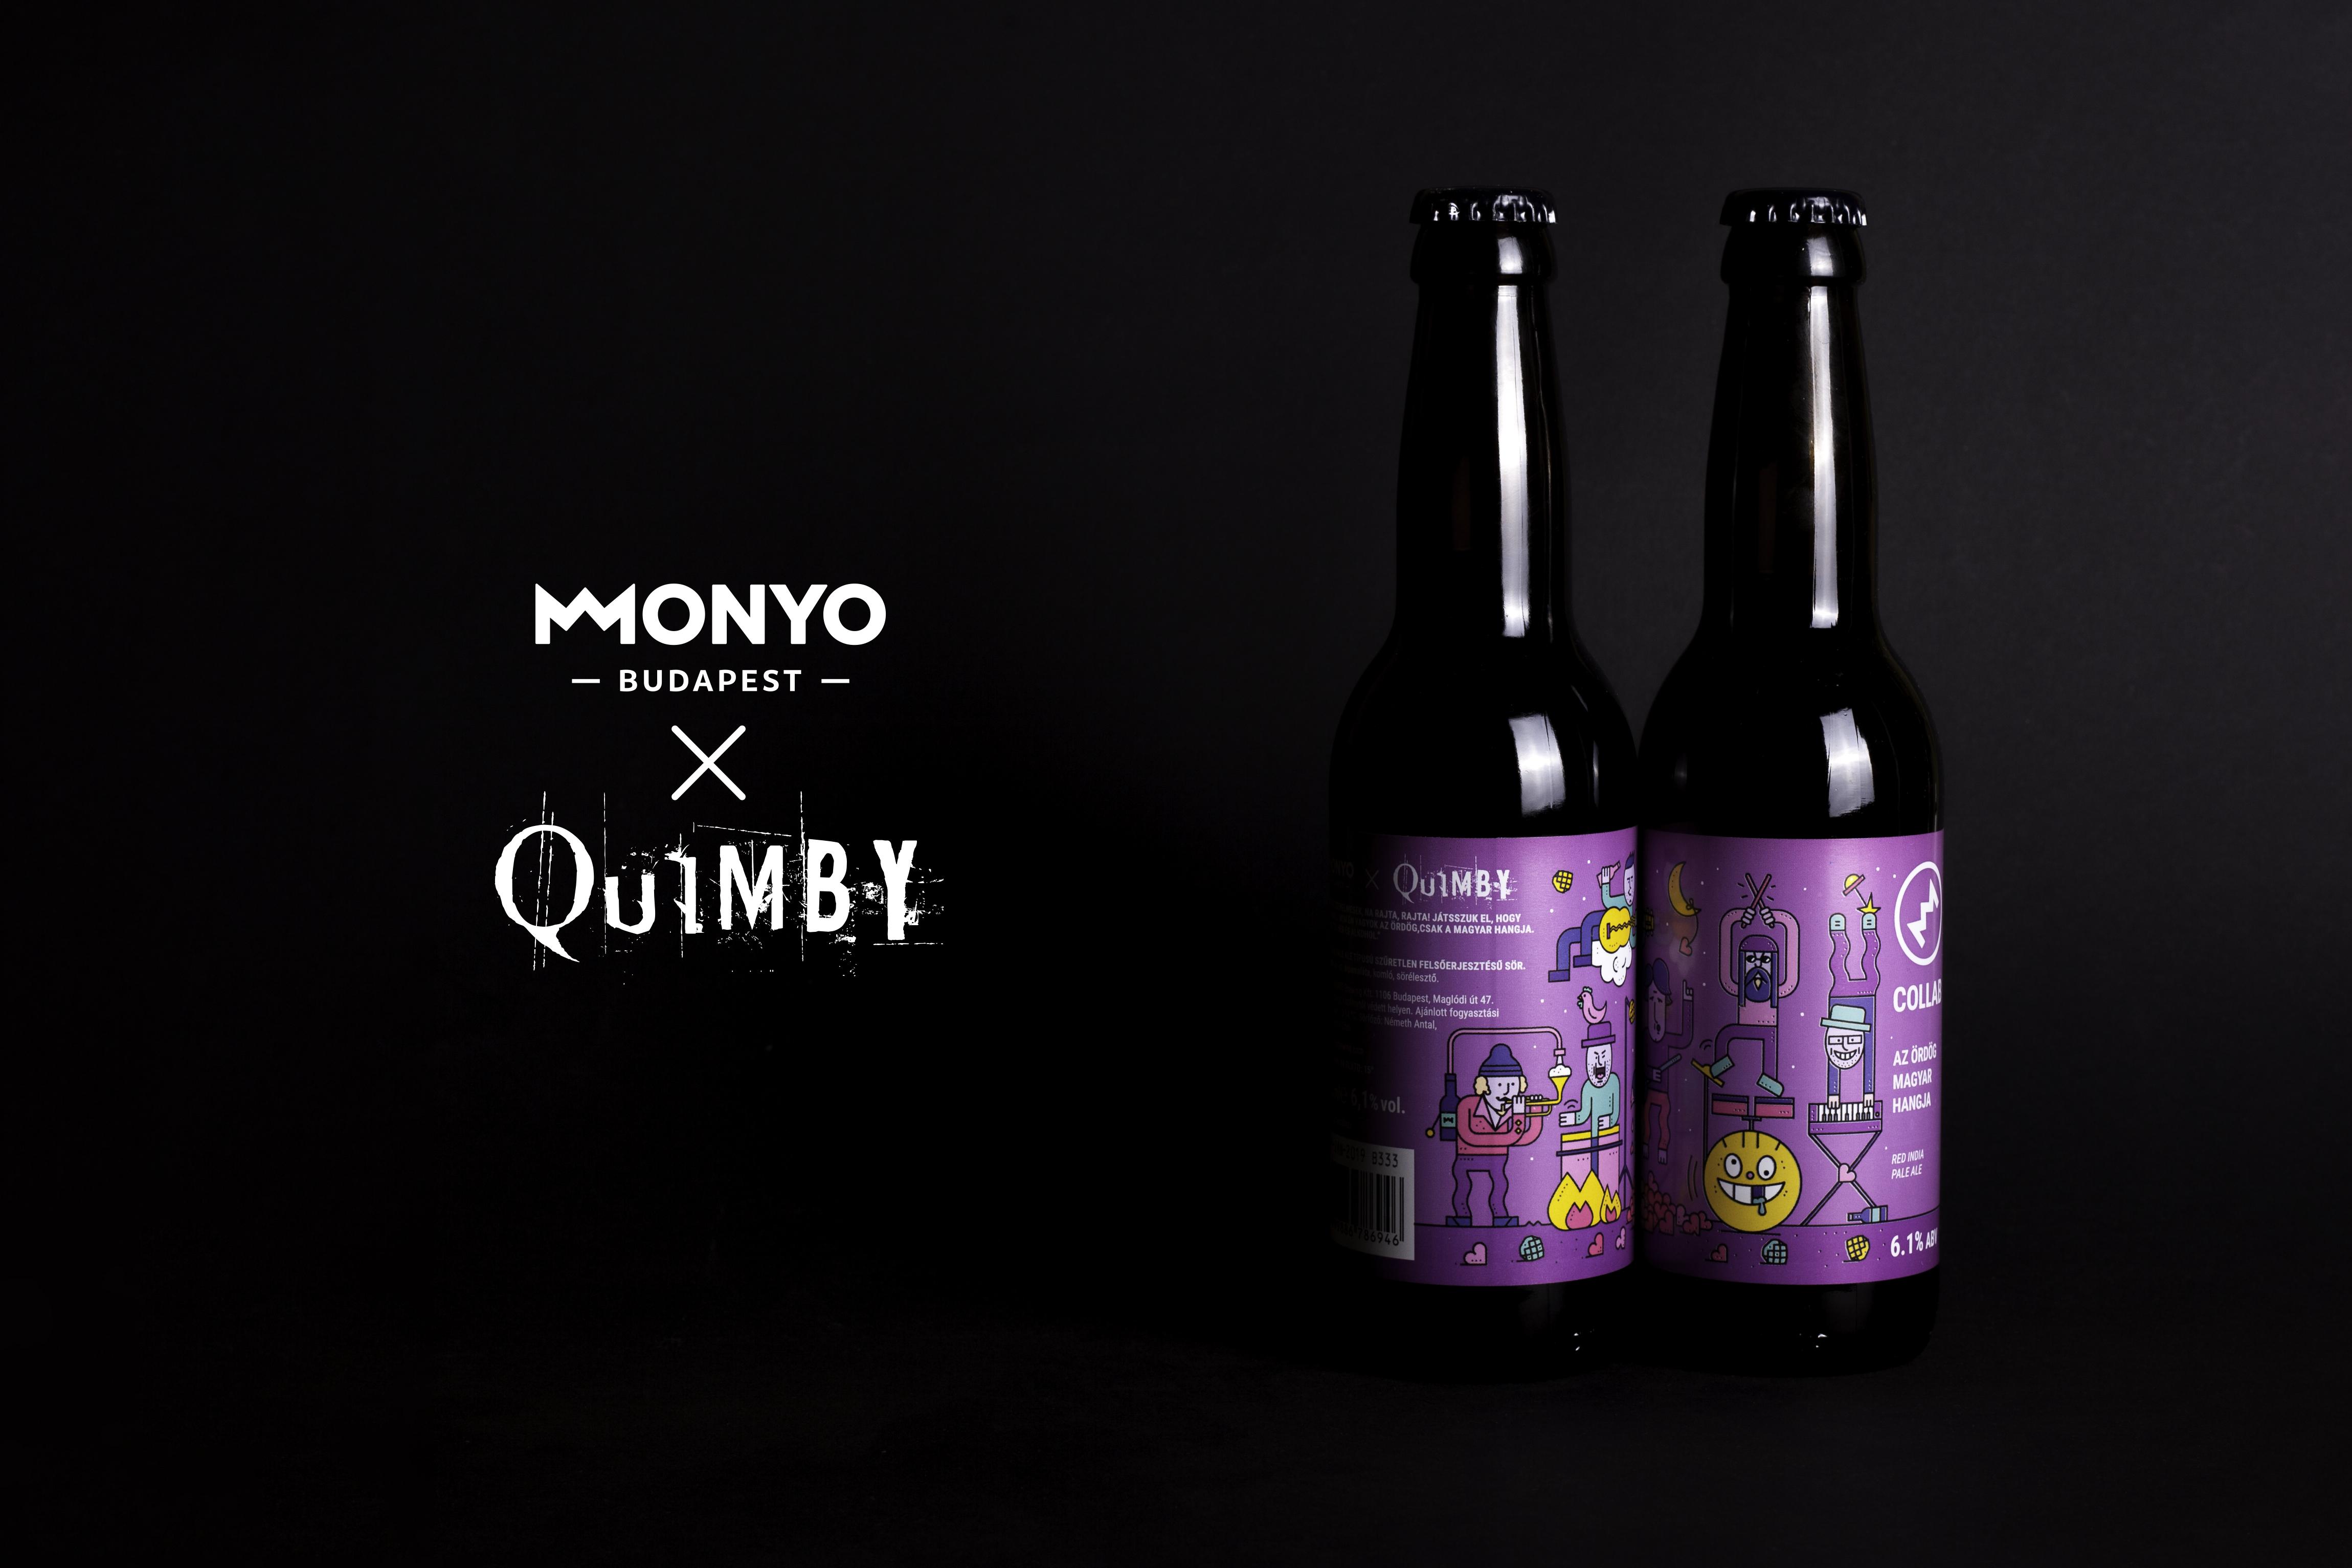 monyoquimby2.jpg